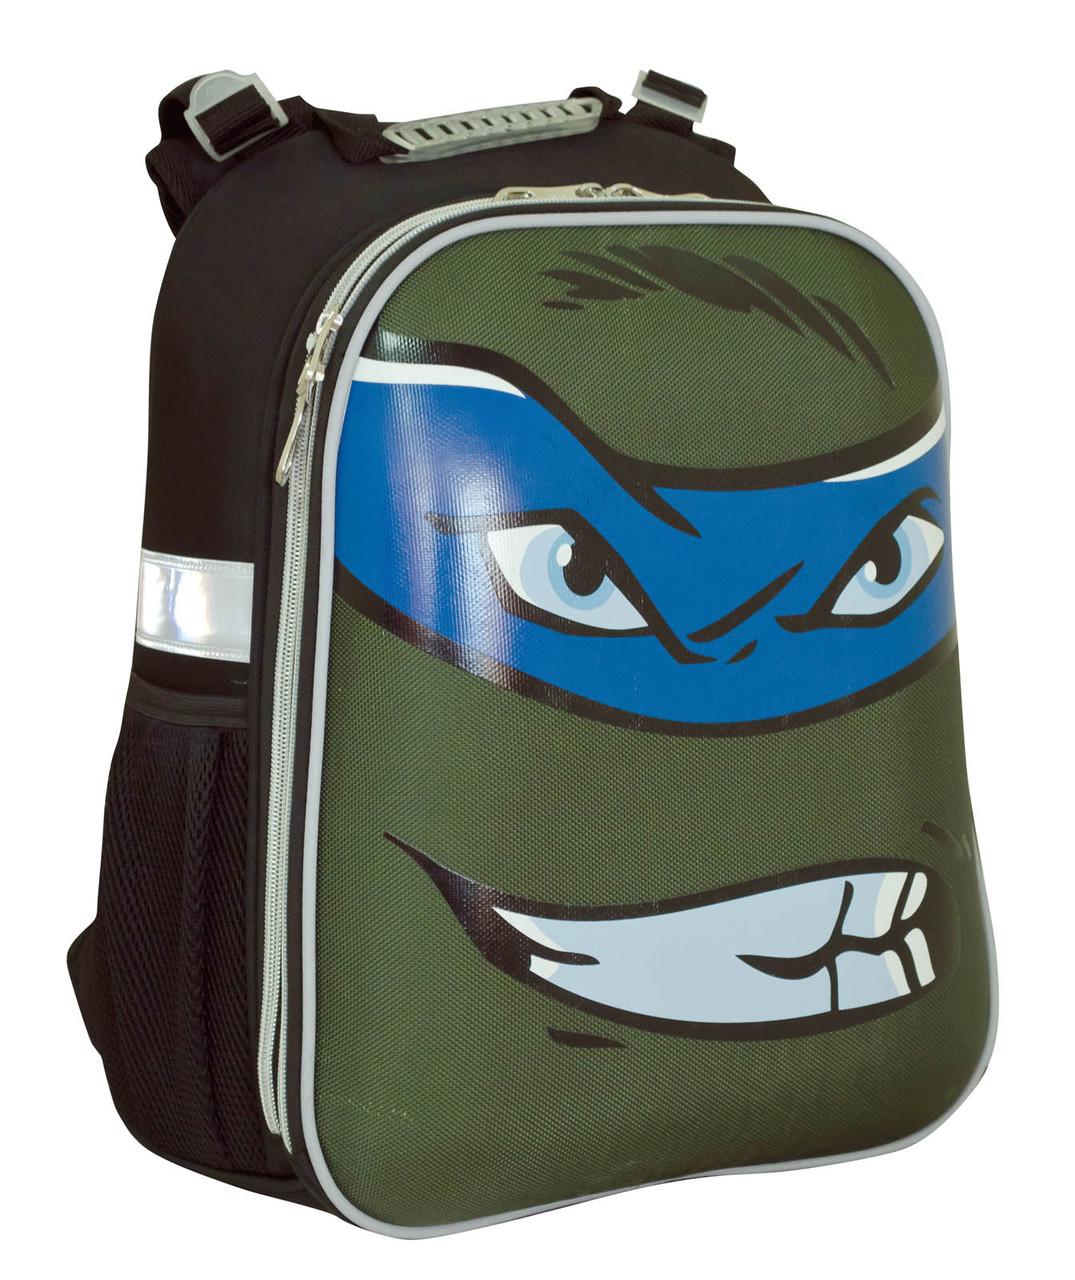 553345 Рюкзак каркасный YES H-12 Turtles face 38*29*15